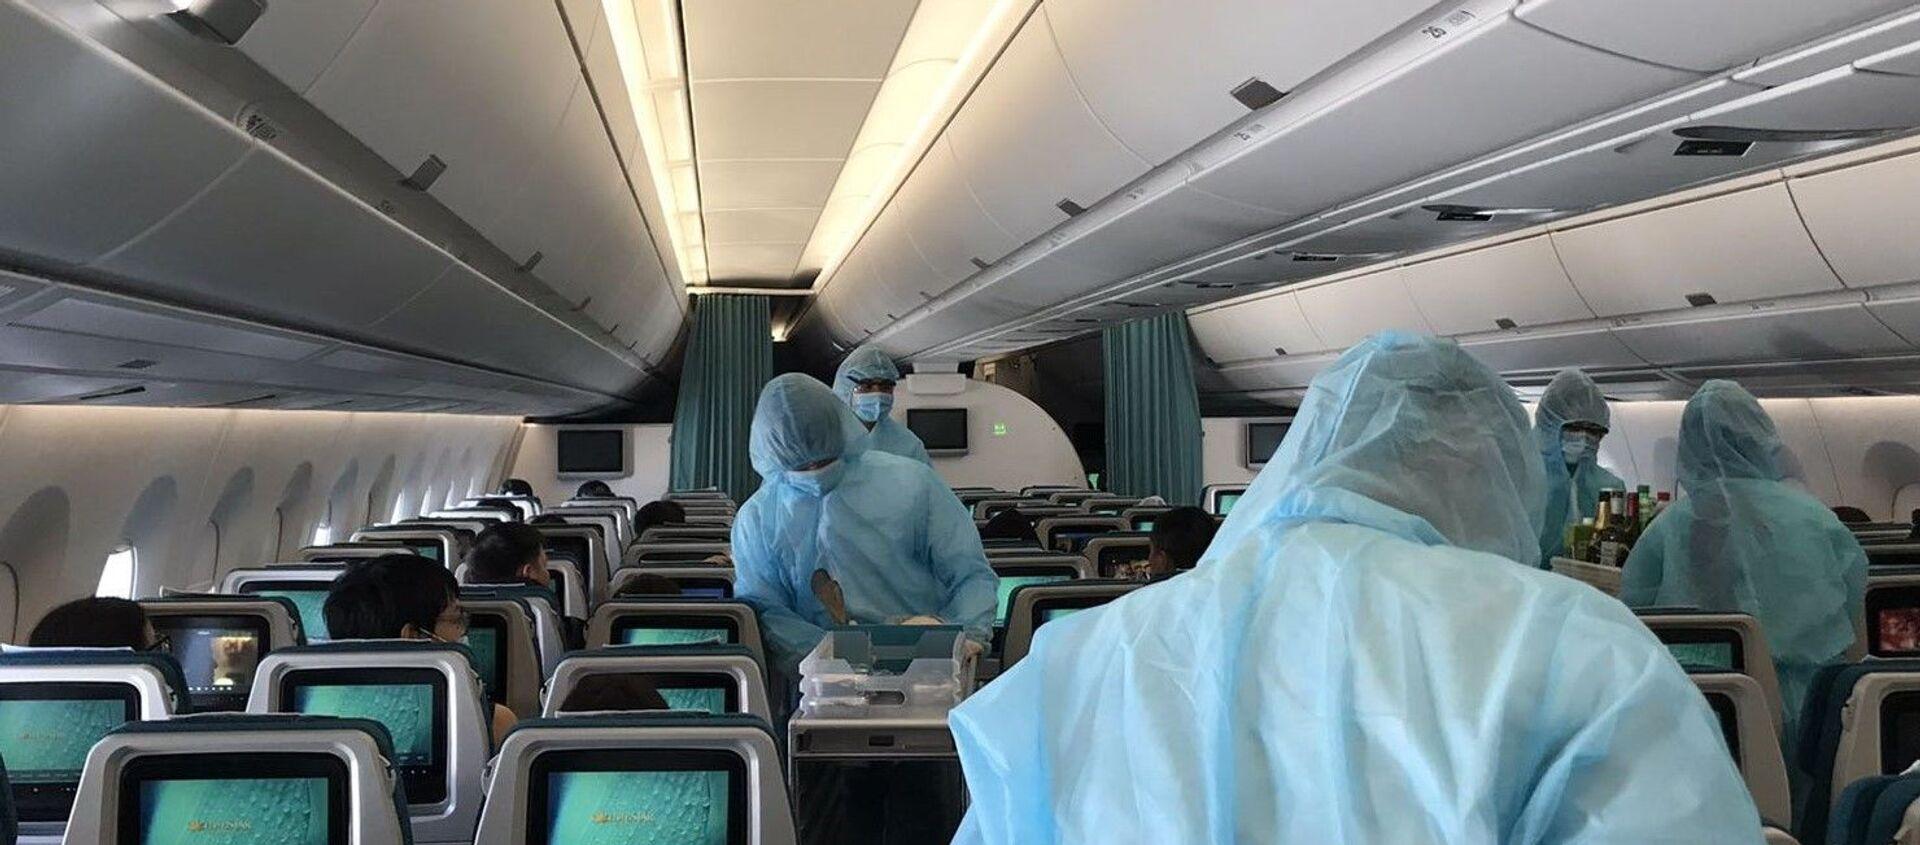 Các tiếp viên mặc trang phục bảo hộ phục vụ hành khách trong suốt 12-13 giờ bay. - Sputnik Việt Nam, 1920, 23.04.2020